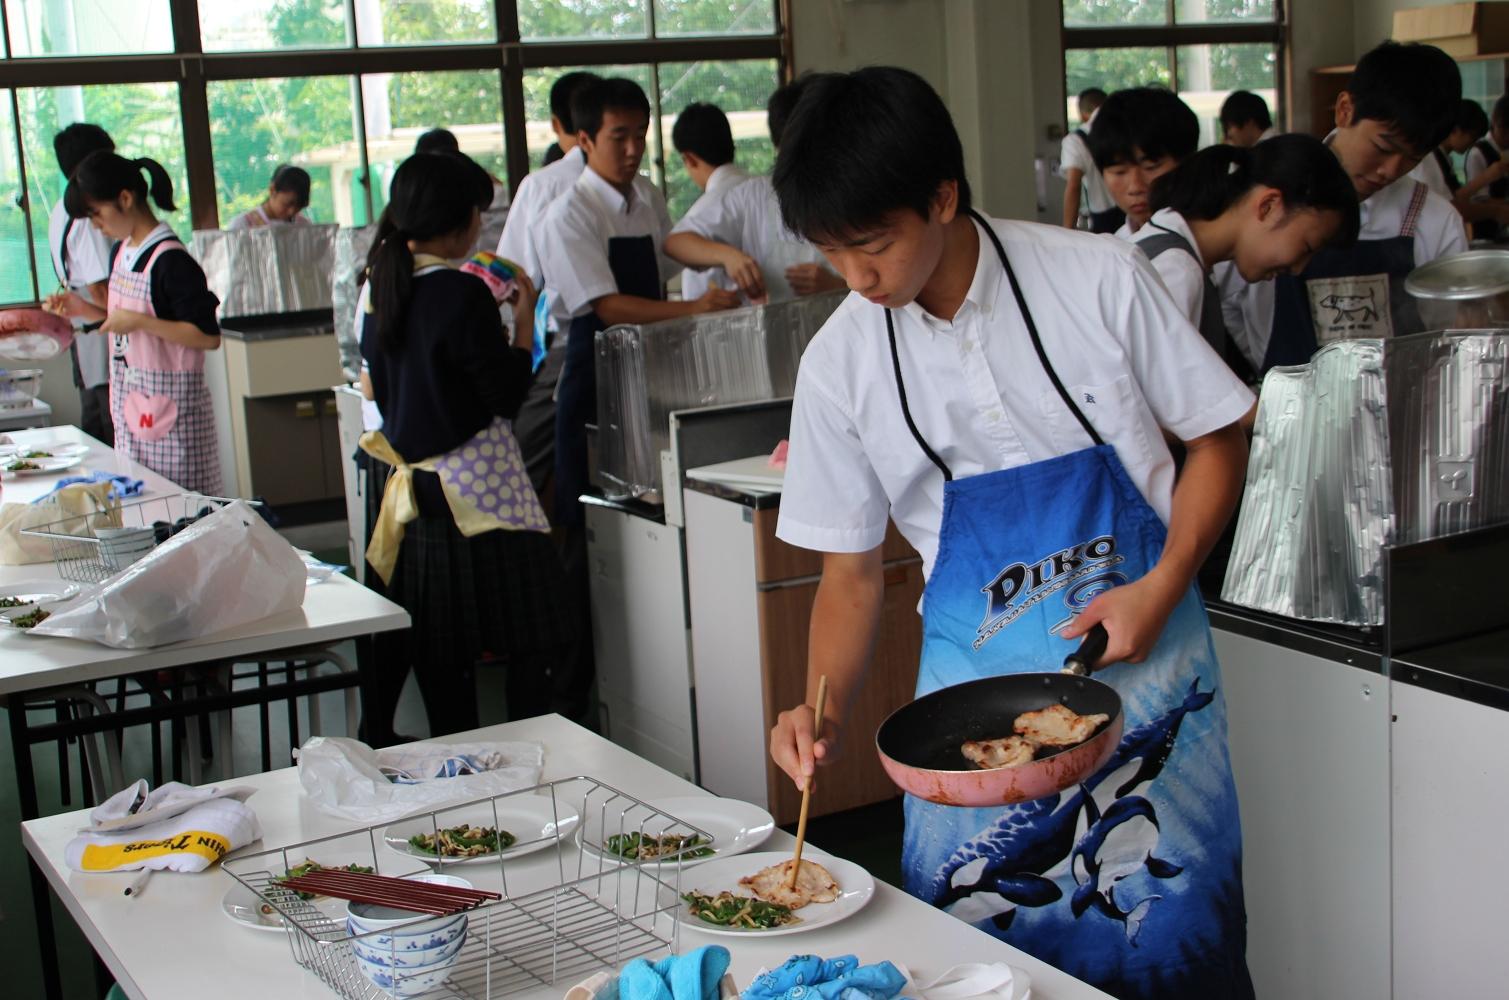 高校1年 家庭基礎集中講座 調理実習 – 金光大阪中学校・高等学校